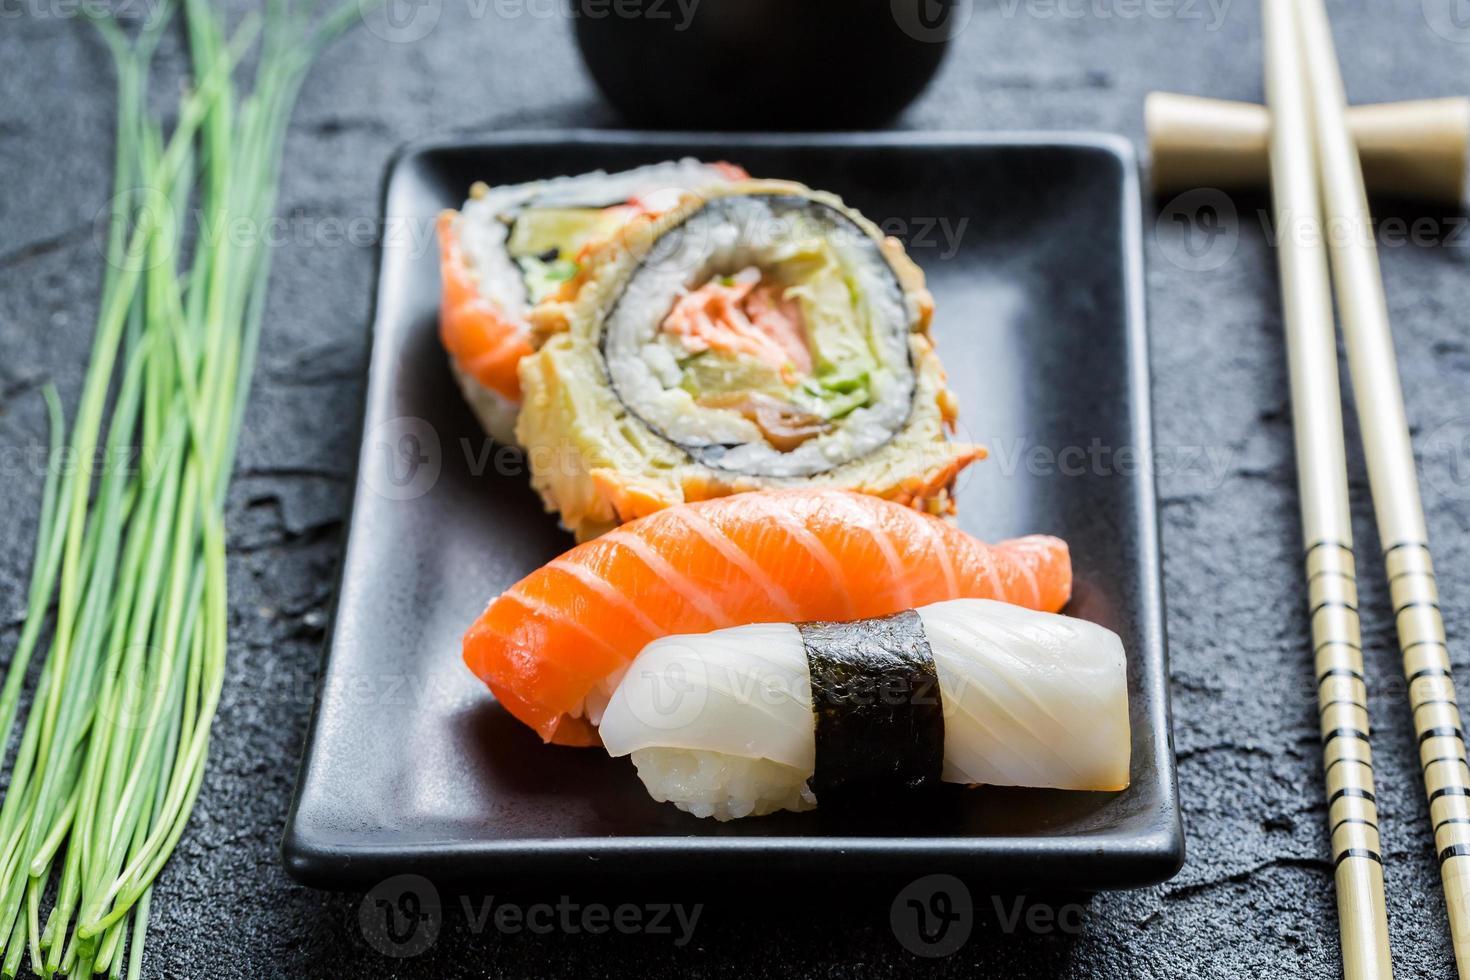 närbild av färsk sushi, mörk keramik och ätpinnar foto